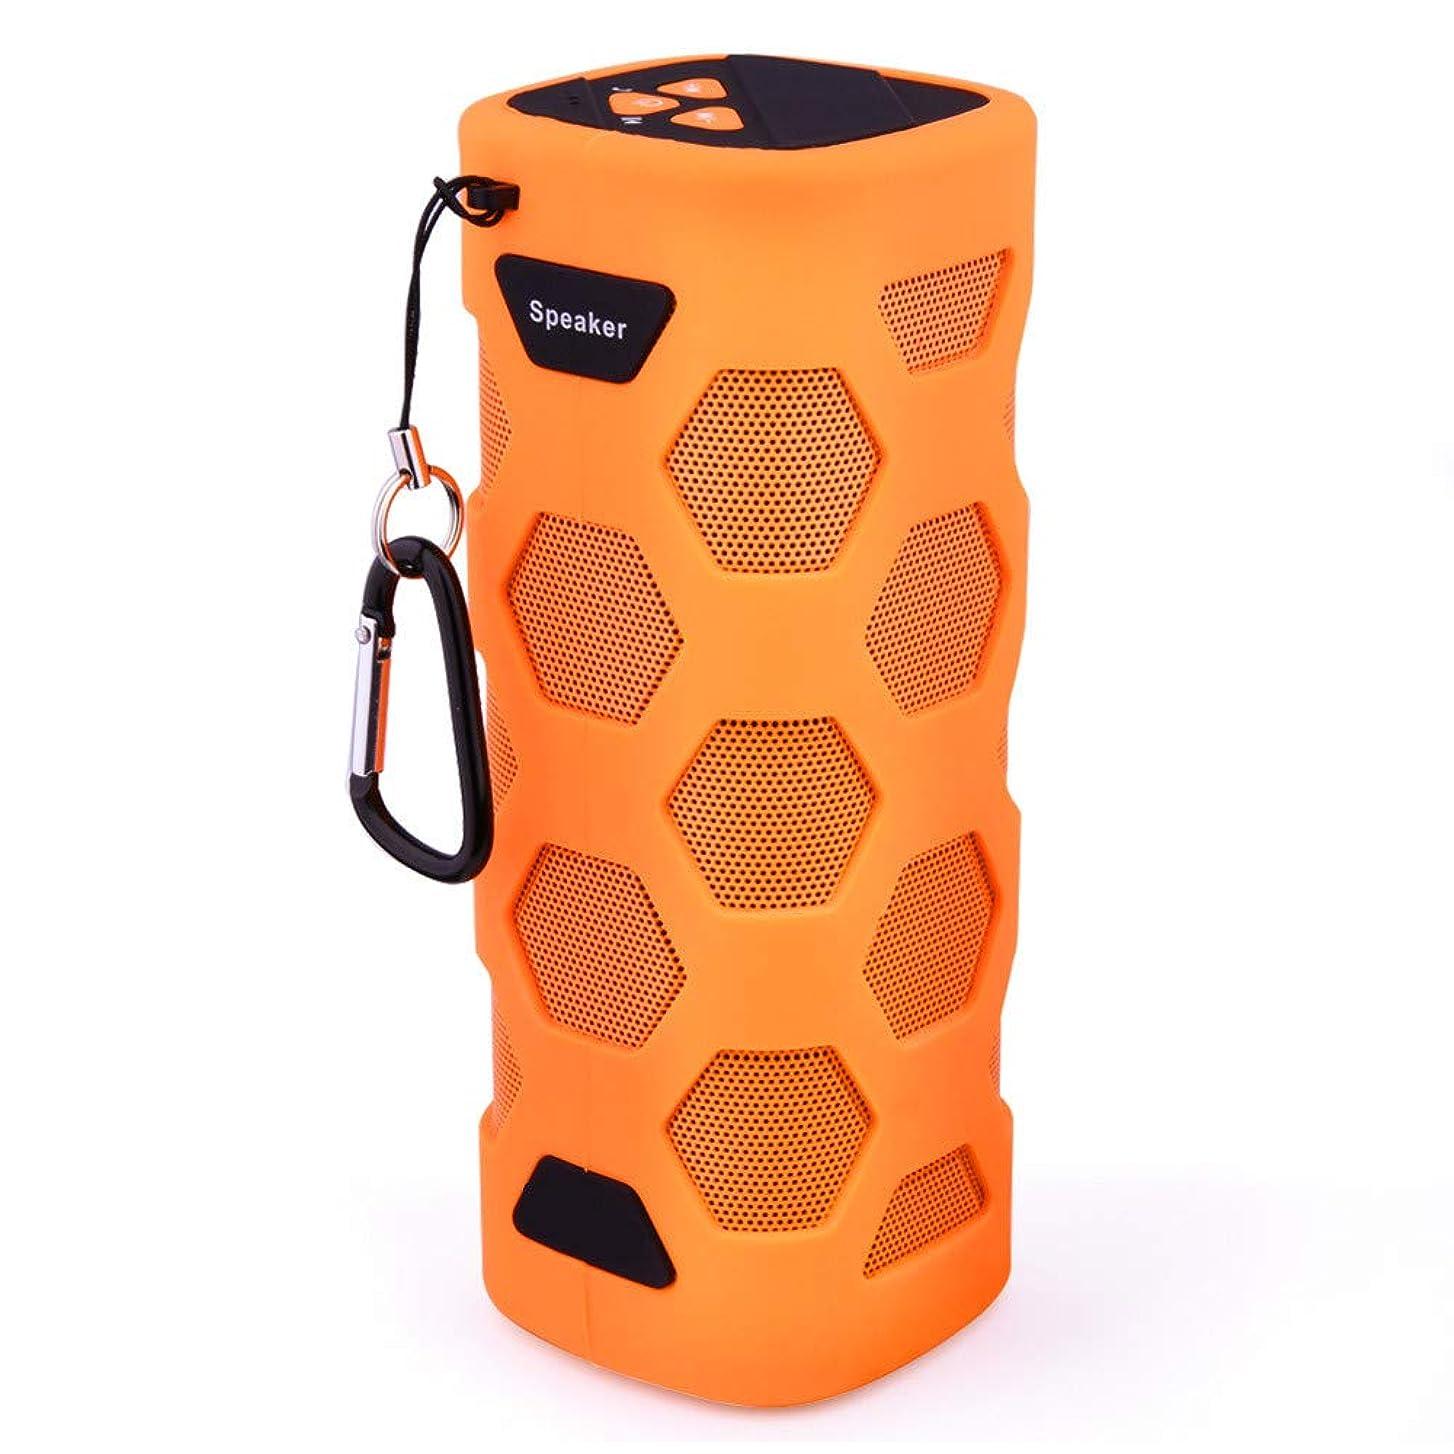 達成する自動的にディスカウントTOSANG ワイヤレススピーカーフォン EDRパワーバンク ワイヤレスワイヤレスサウンドボックス 防水IPX 4、防塵、耐衝撃